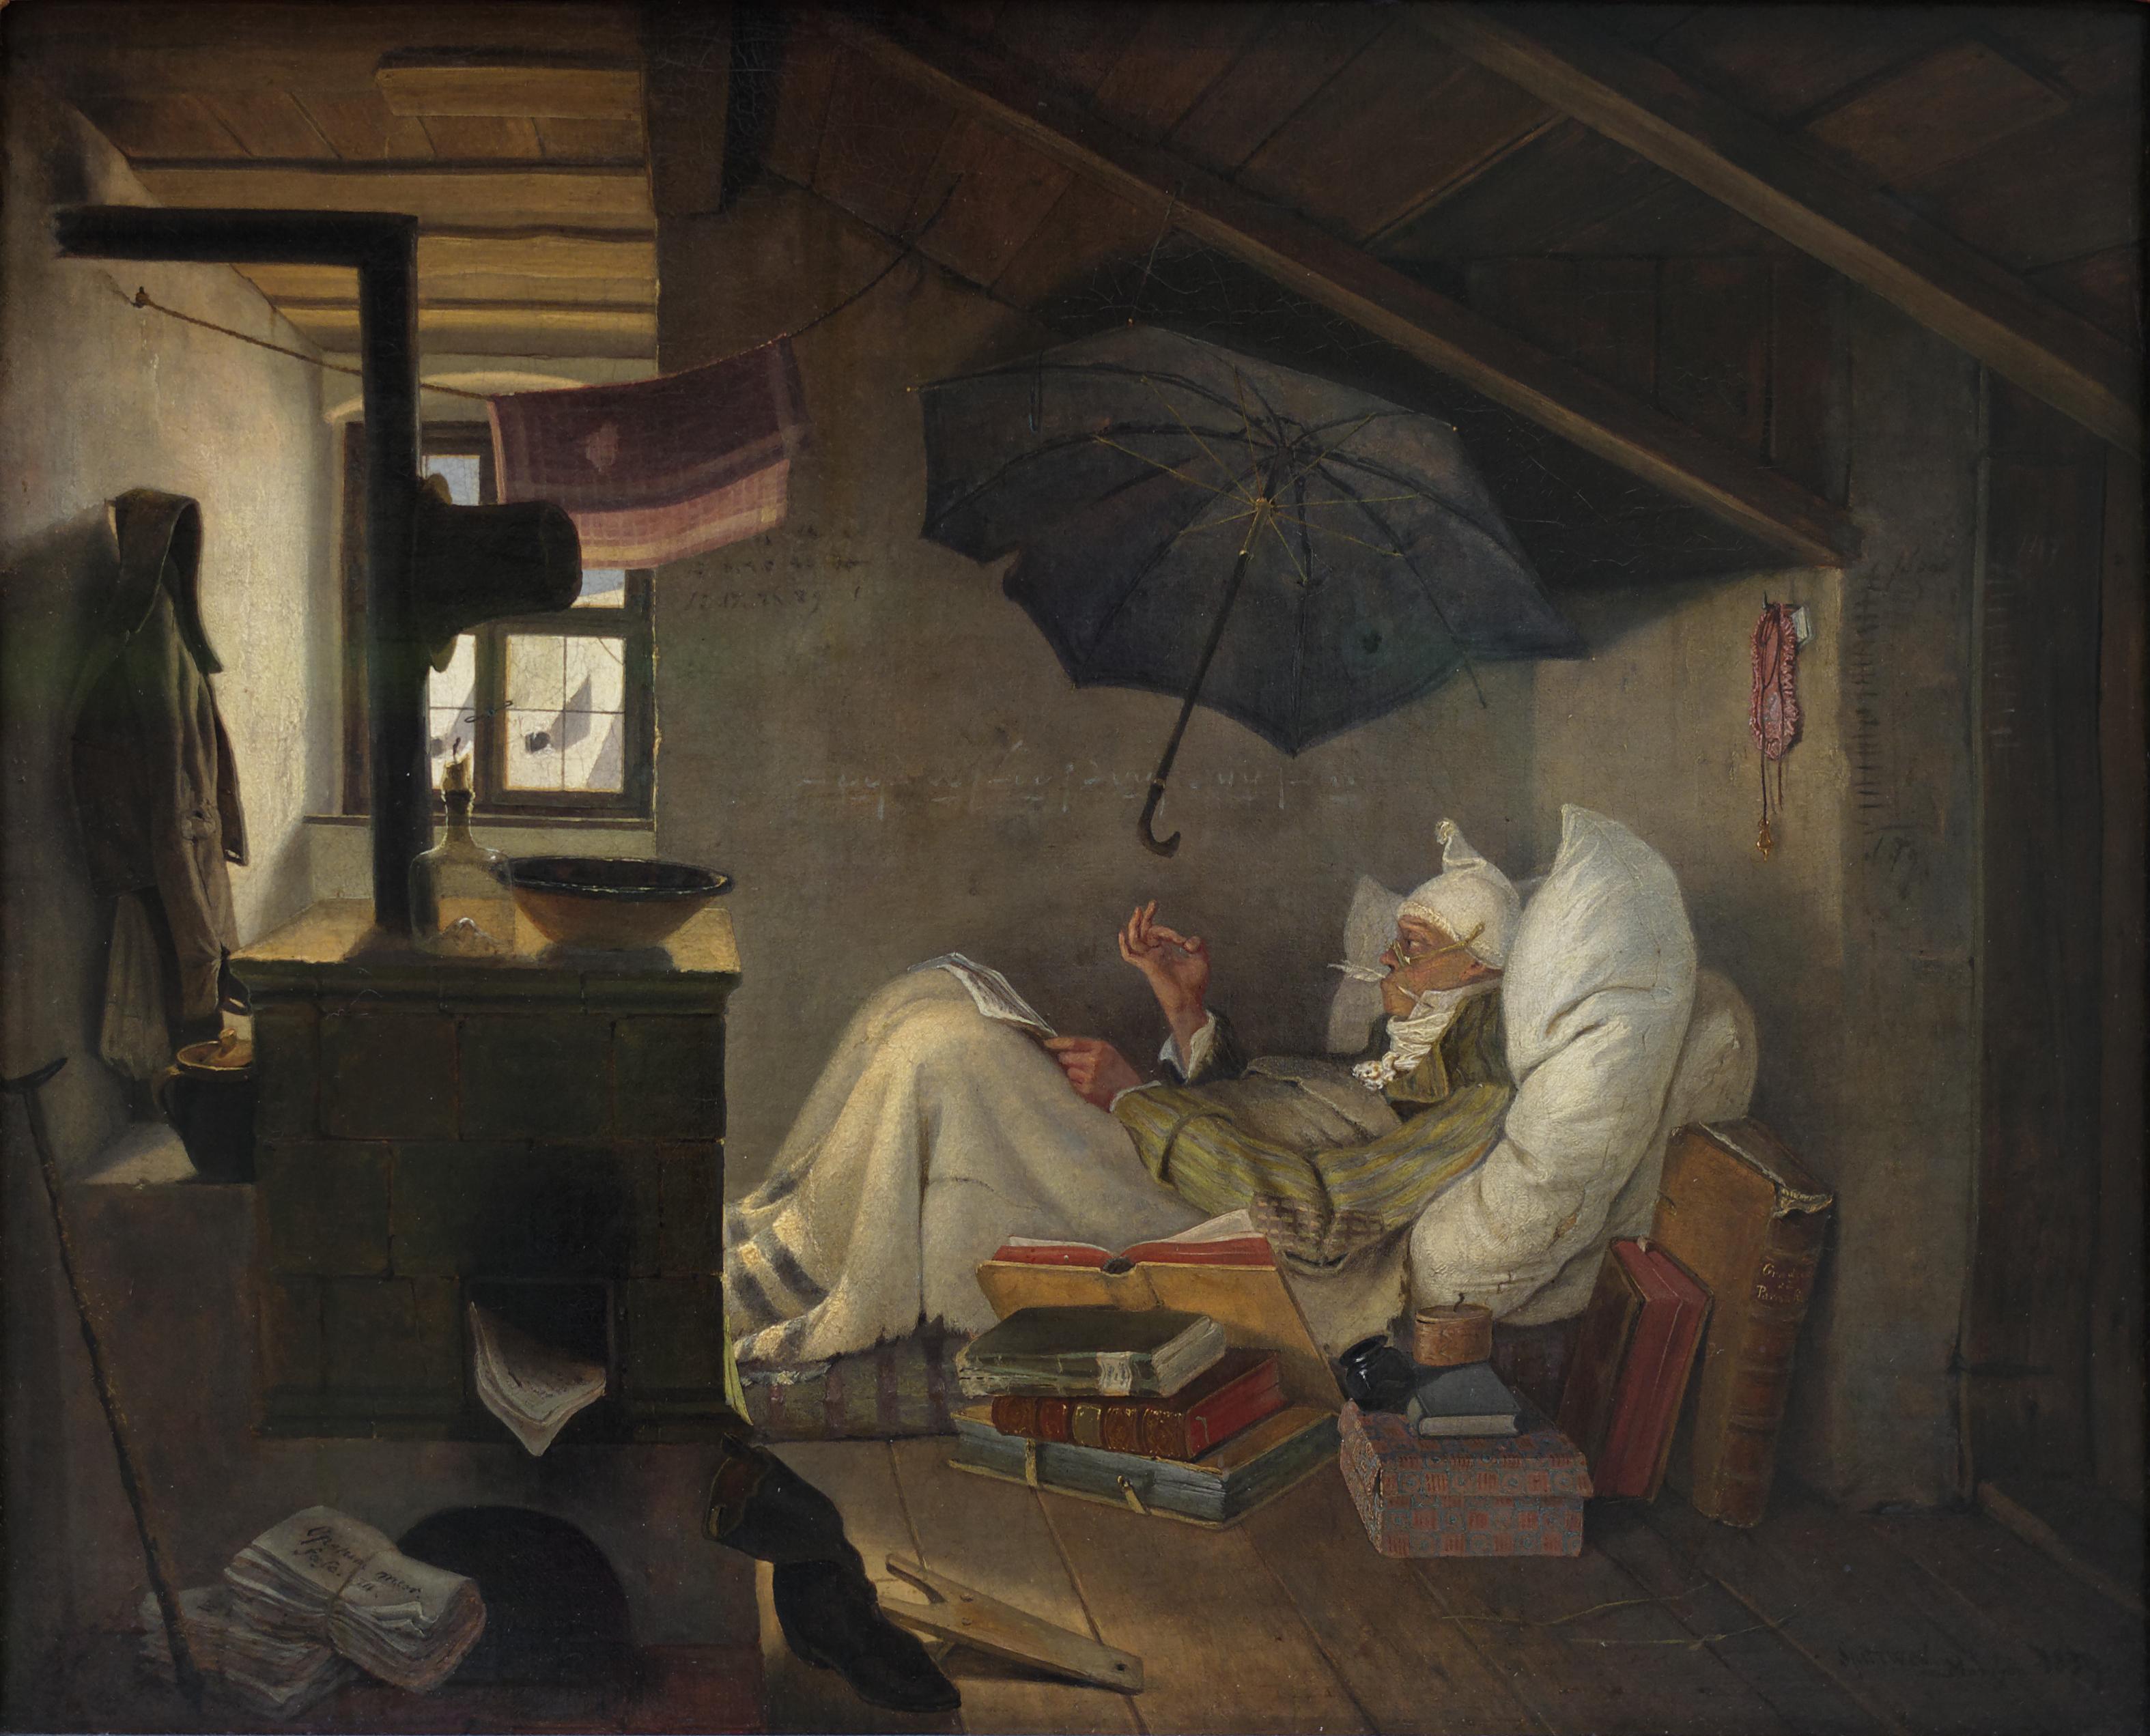 File:The Poor Poet Carl Spitzweg 1839.jpg - Wikimedia Commons